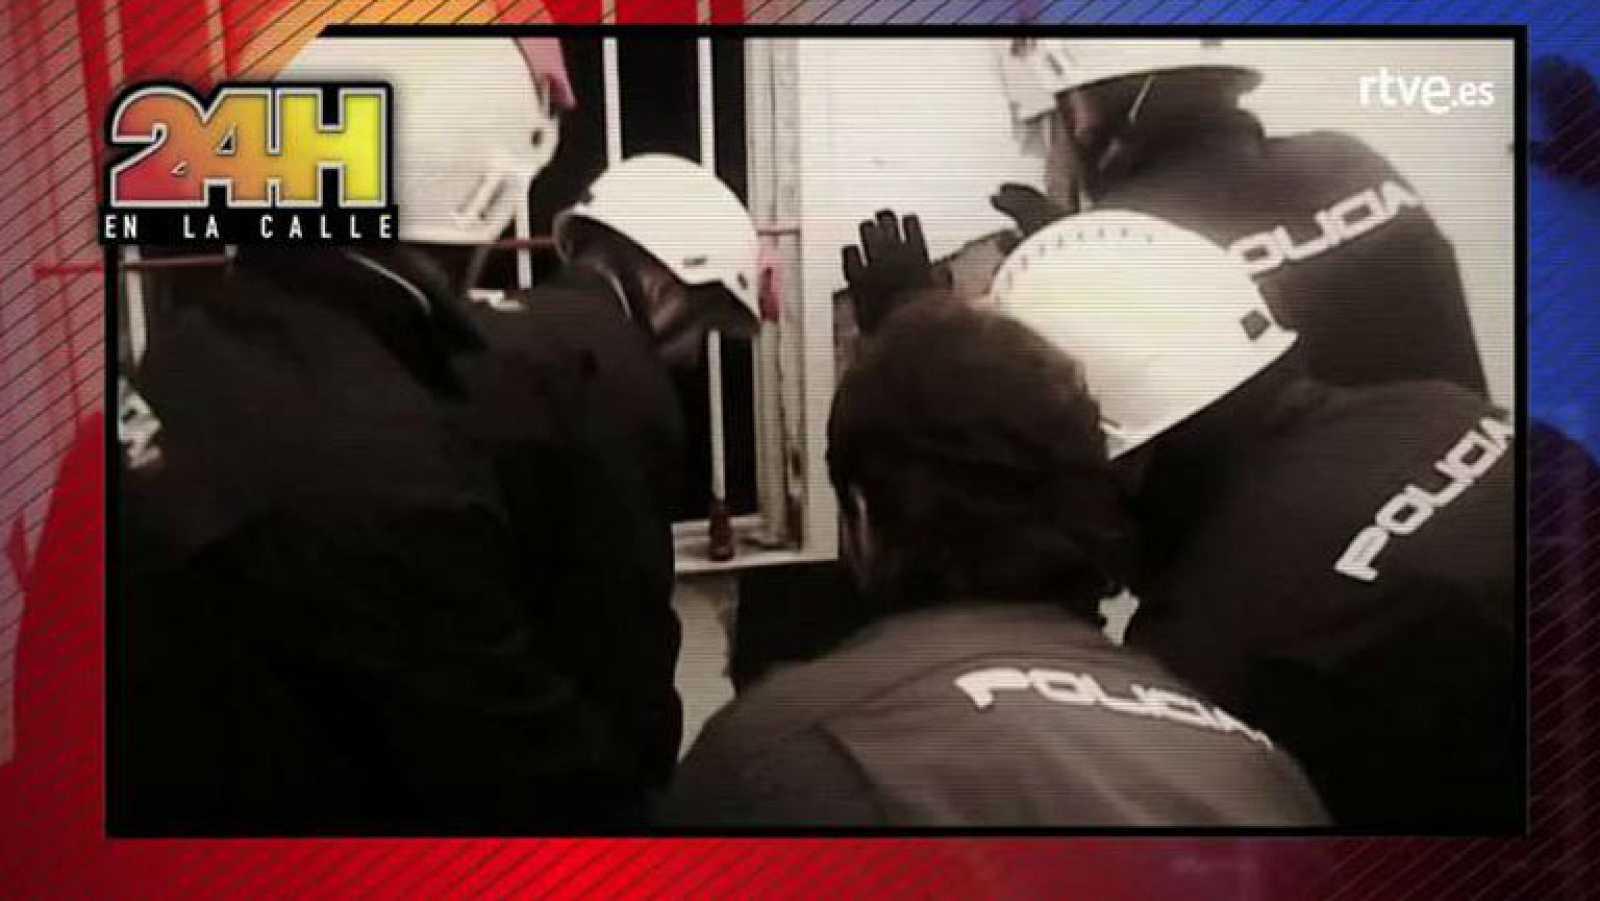 '24 horas en la calle' presencia en La 1 el asalto de uno de los principales clanes de la droga